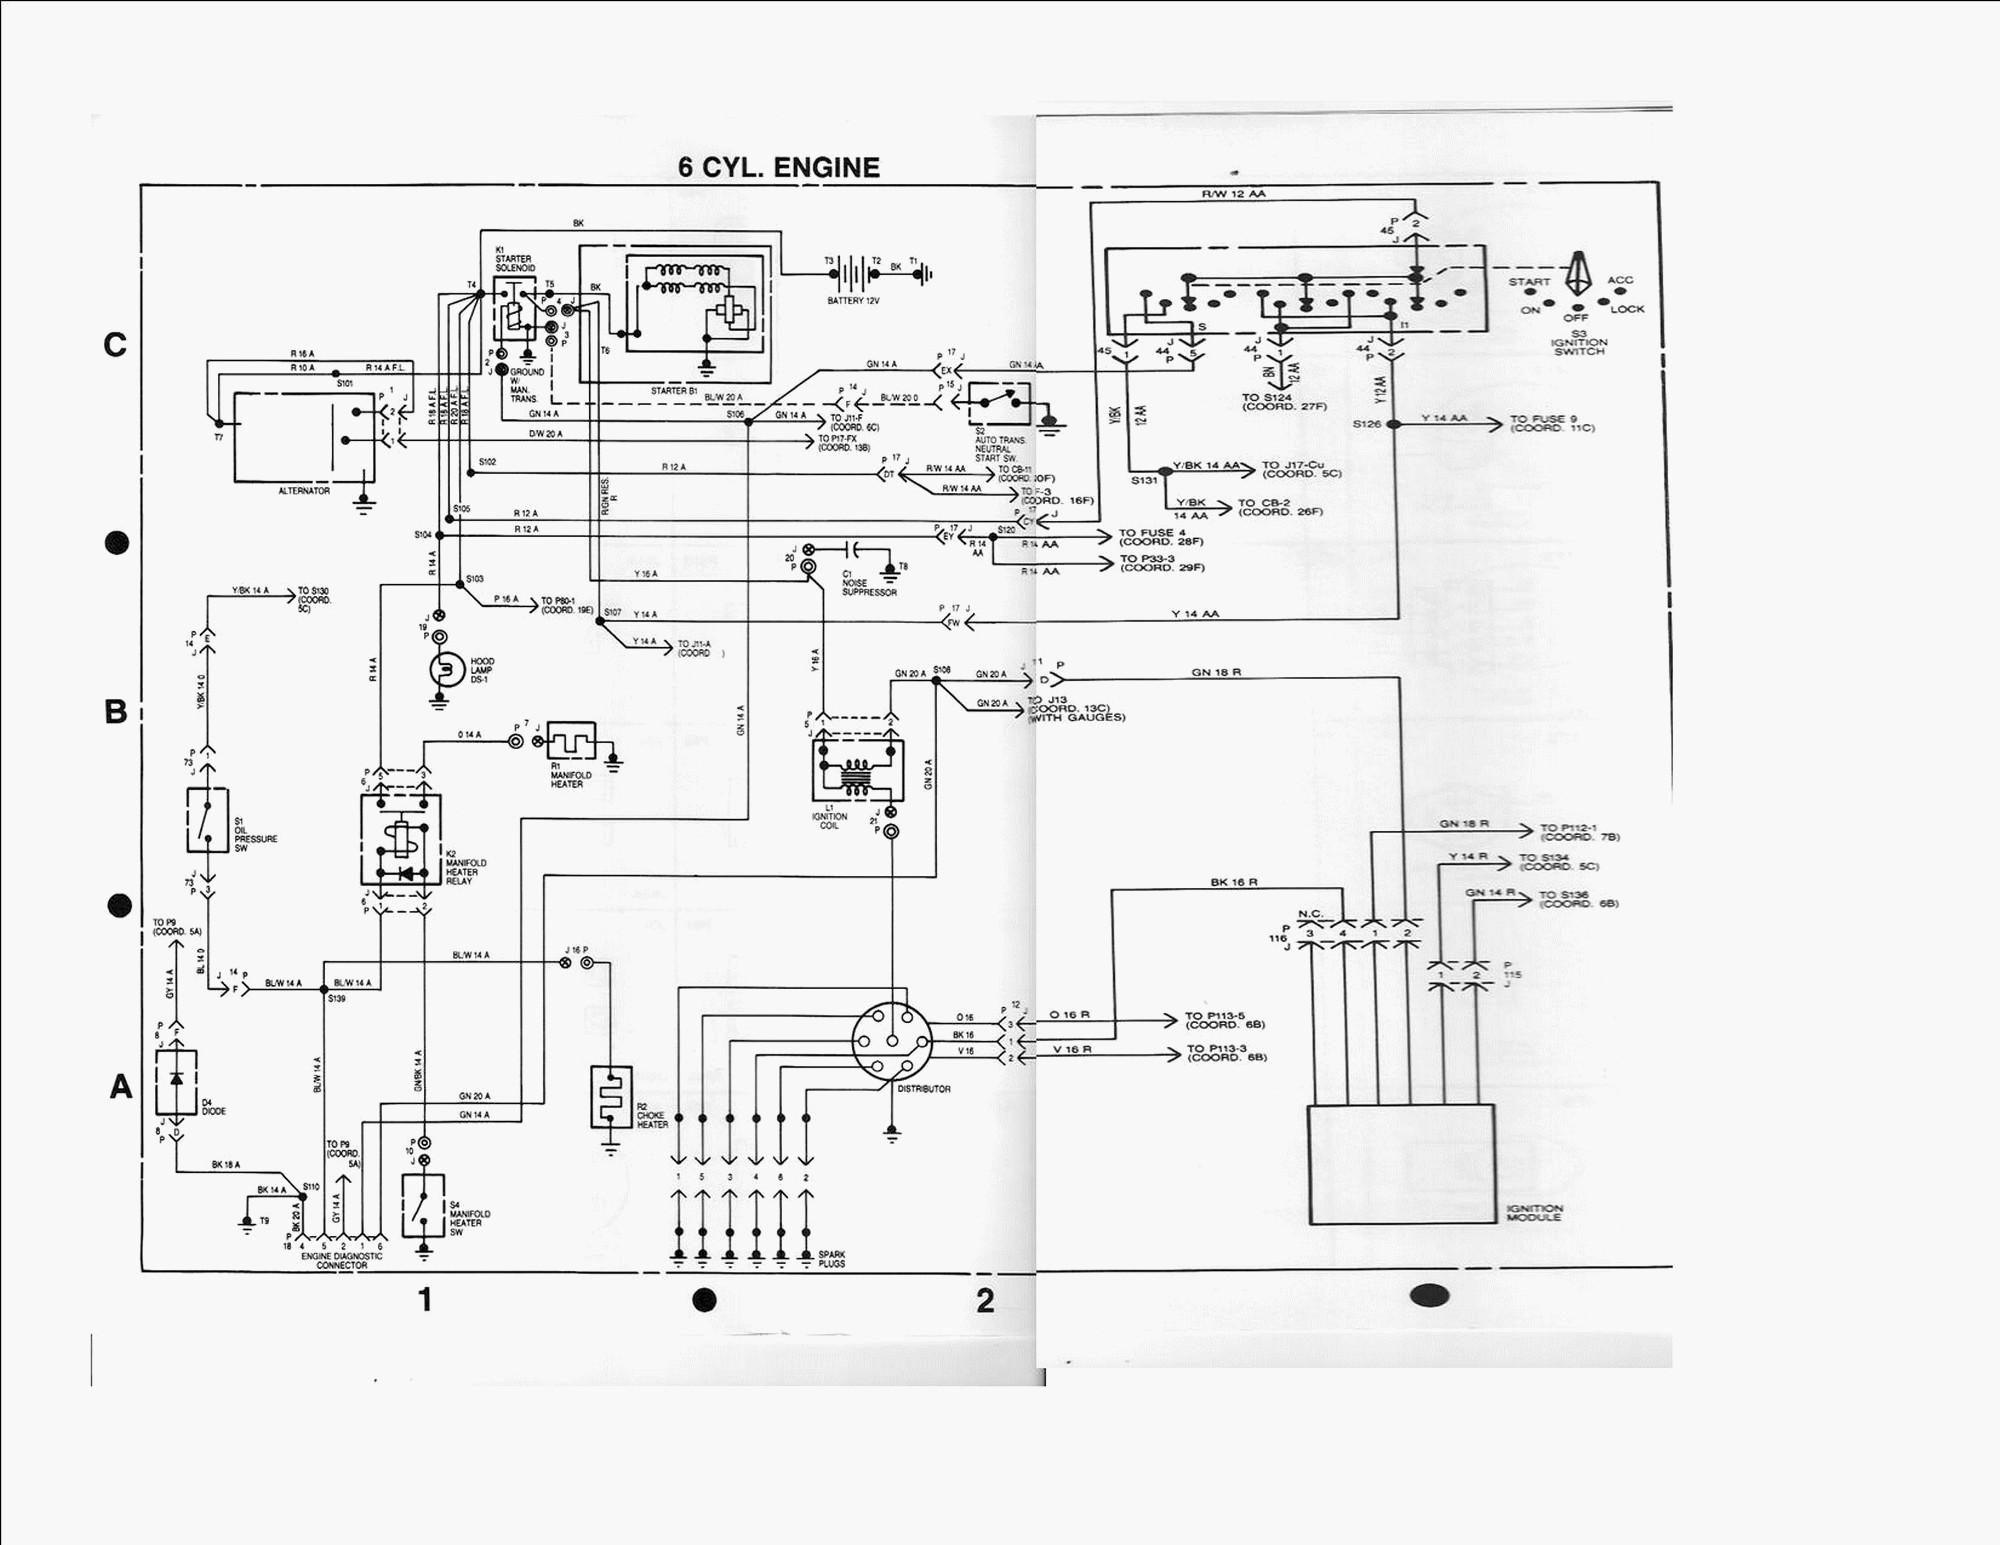 1984 International Eagle Wiring Schematics : 42 Wiring